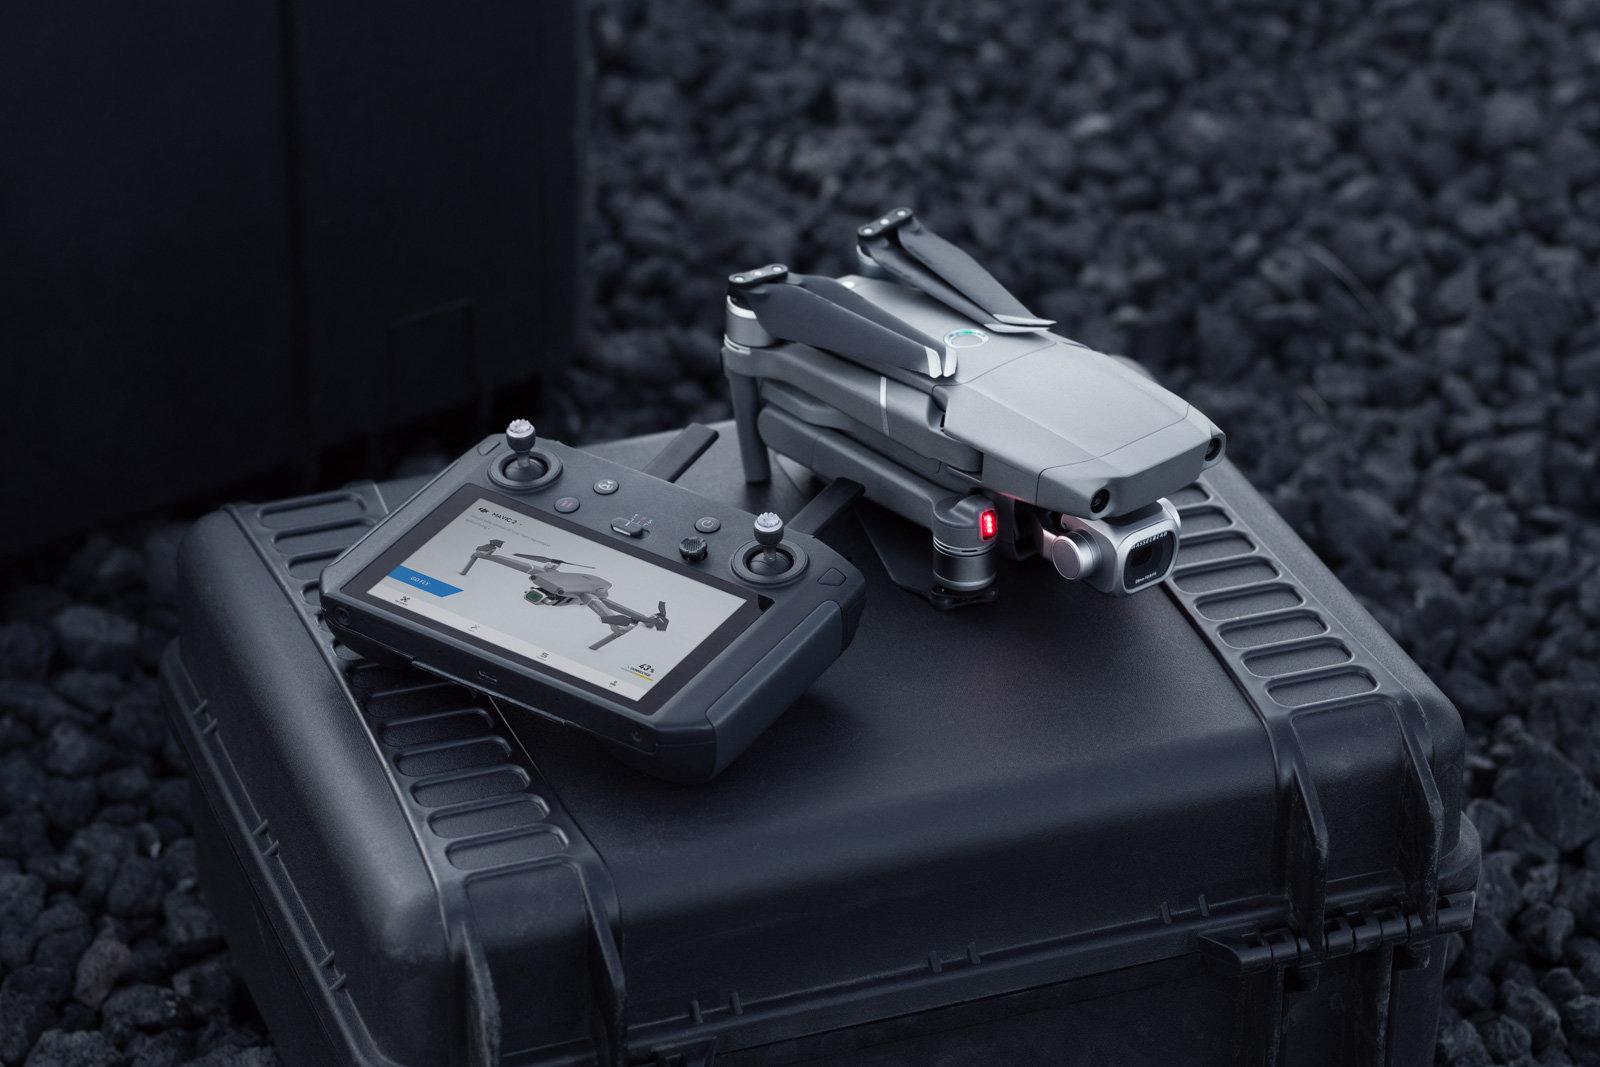 DJI ra mắt remote cho drone tích hợp màn hình HD giá 649 USD